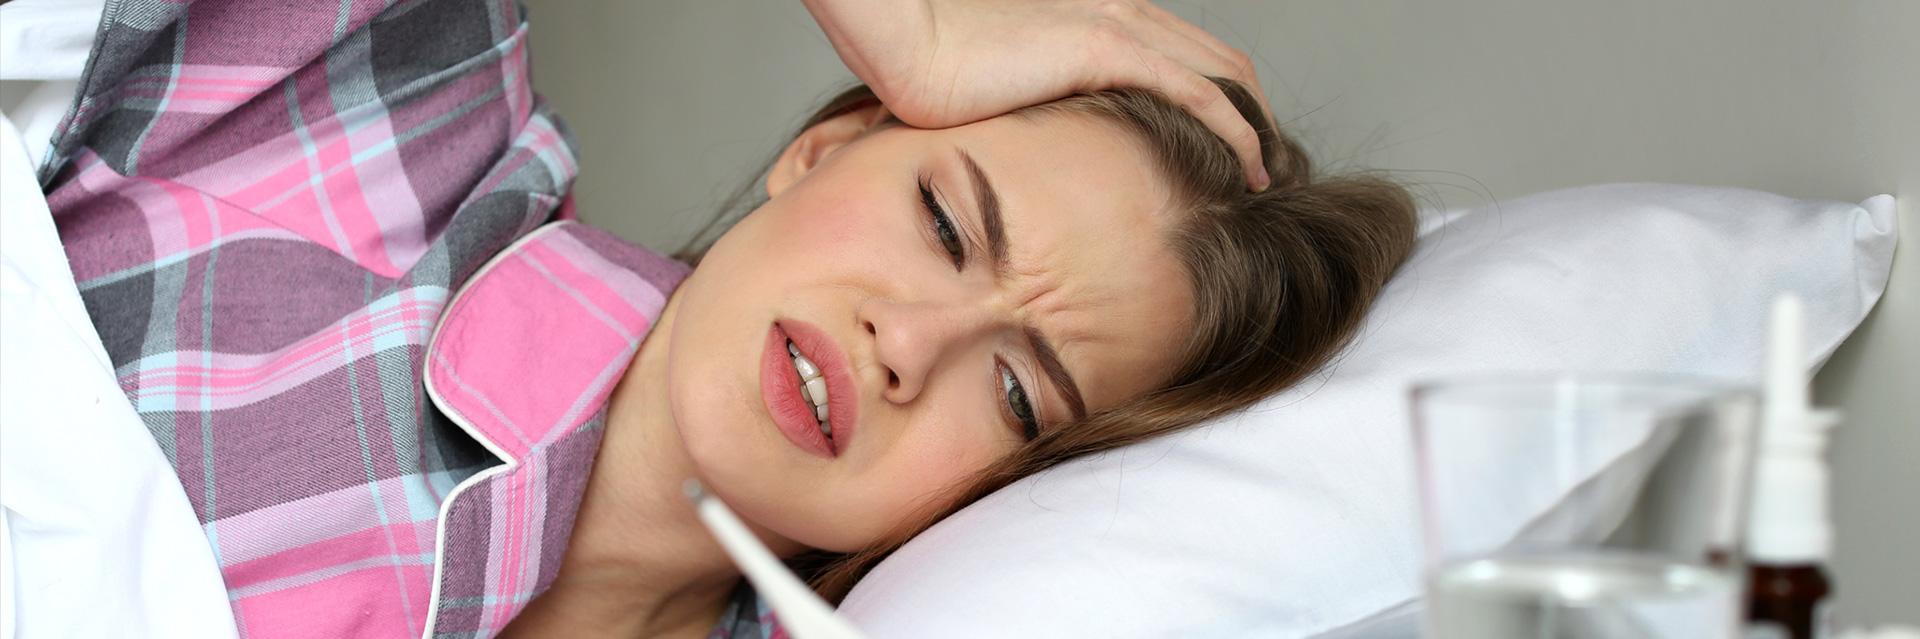 Objawy, które pomogą Ci odróżnić przeziębienie od grypy